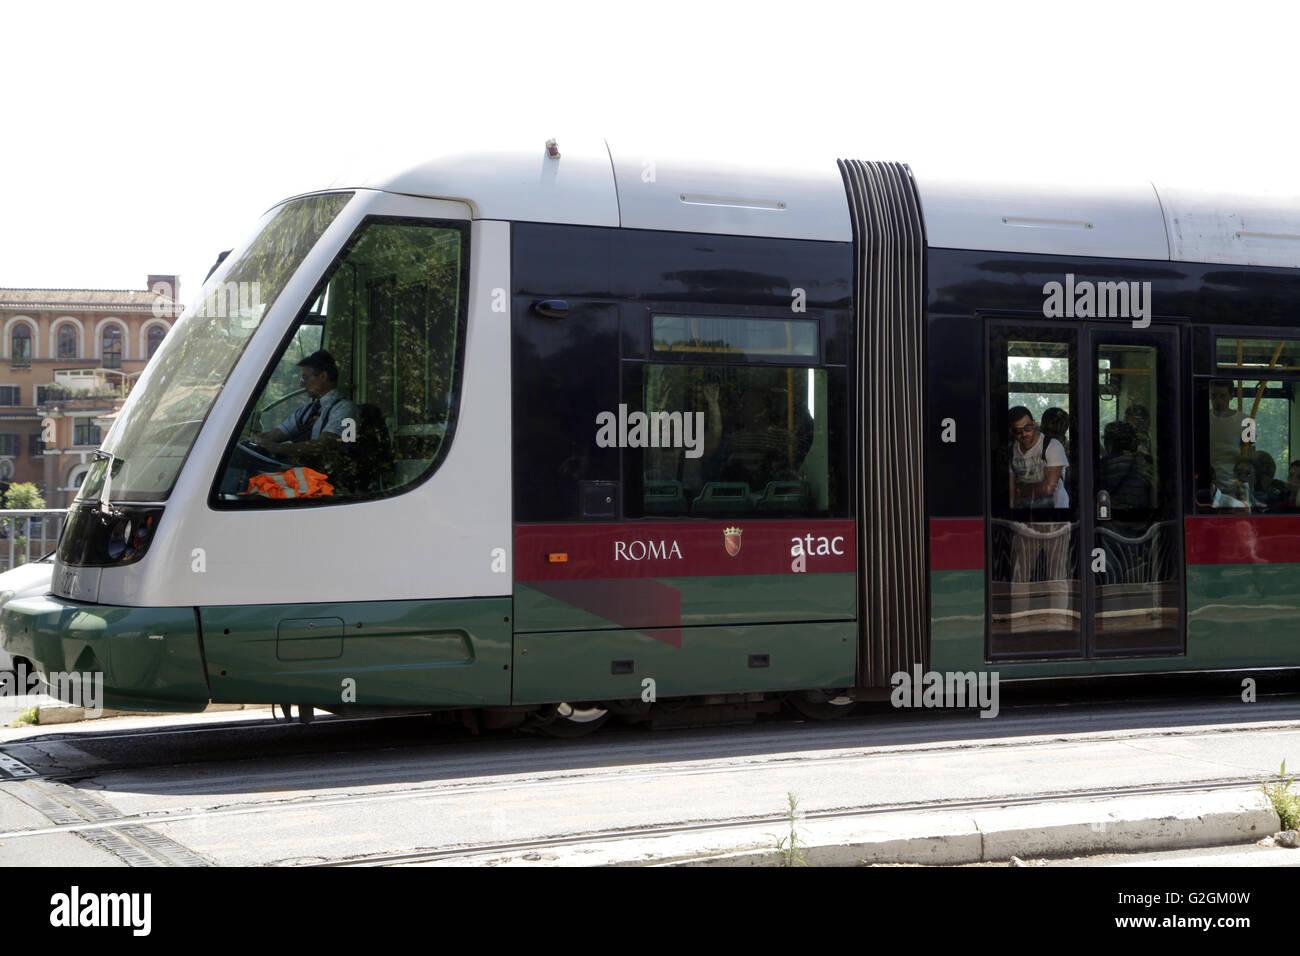 I passeggeri sull'ATAC SpA tram in Roma, Italia. Nel 2009 ATAC SpA fornito più di 1,1 miliardi di corse Immagini Stock